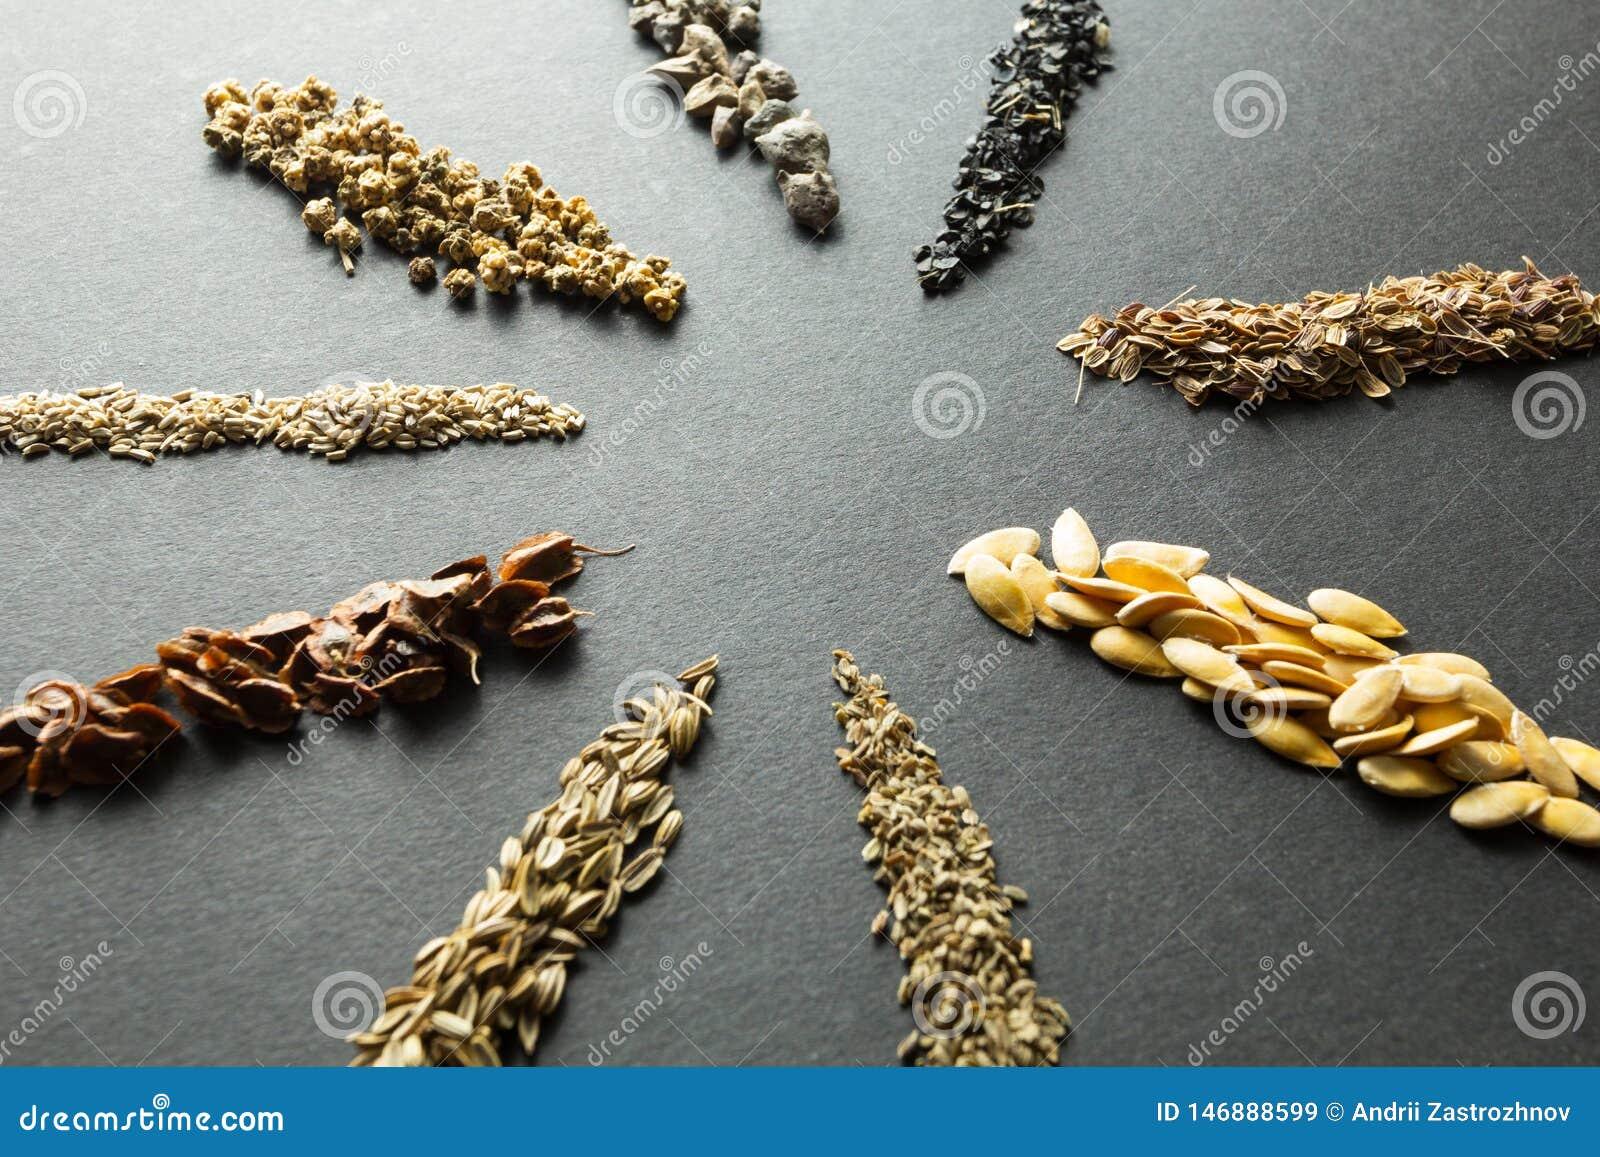 Coleção de sementes orgânicas para plantar no solo: ruibarbo, salada, beterraba, espinafre, cebola, aneto, melão, cenoura, erva-d